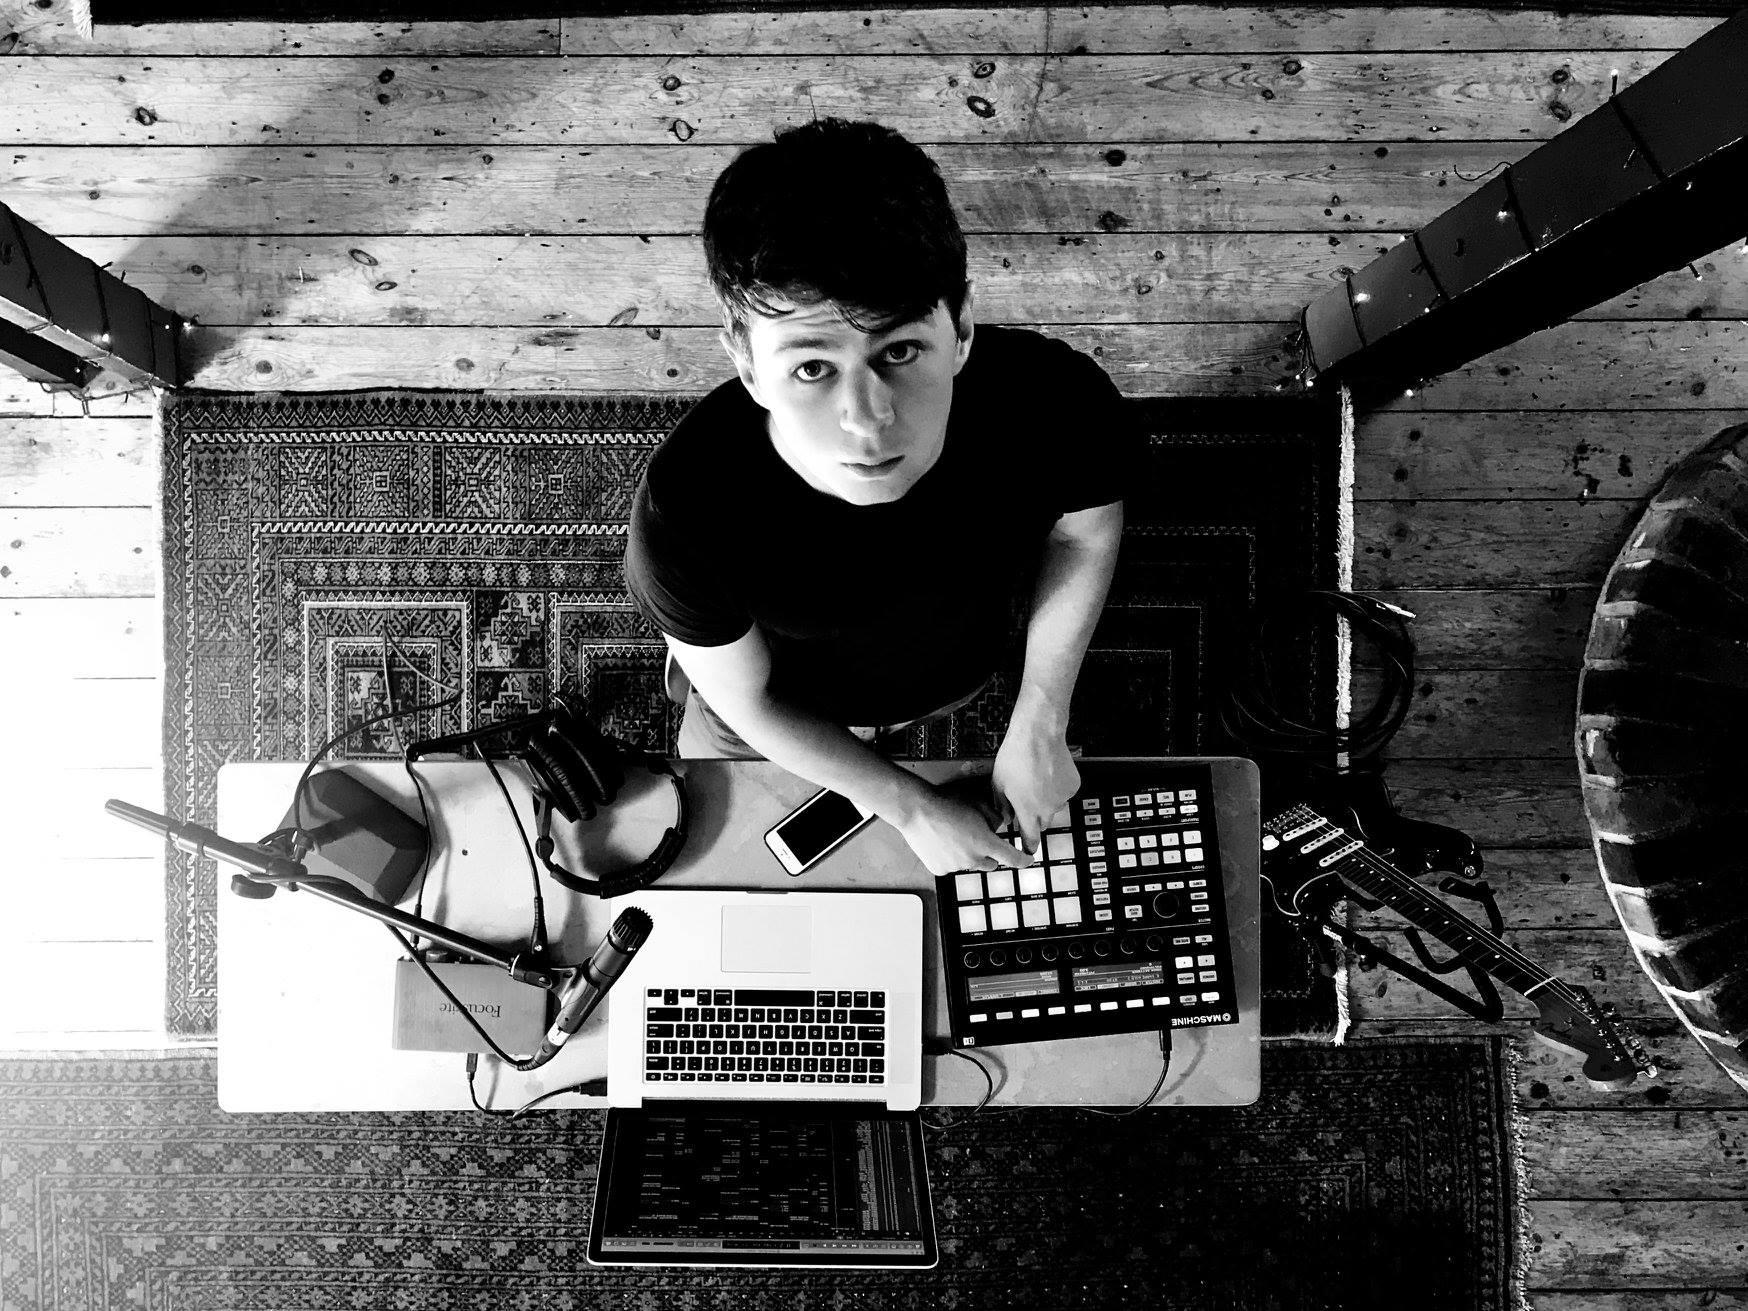 Tarn PK playing and producing music